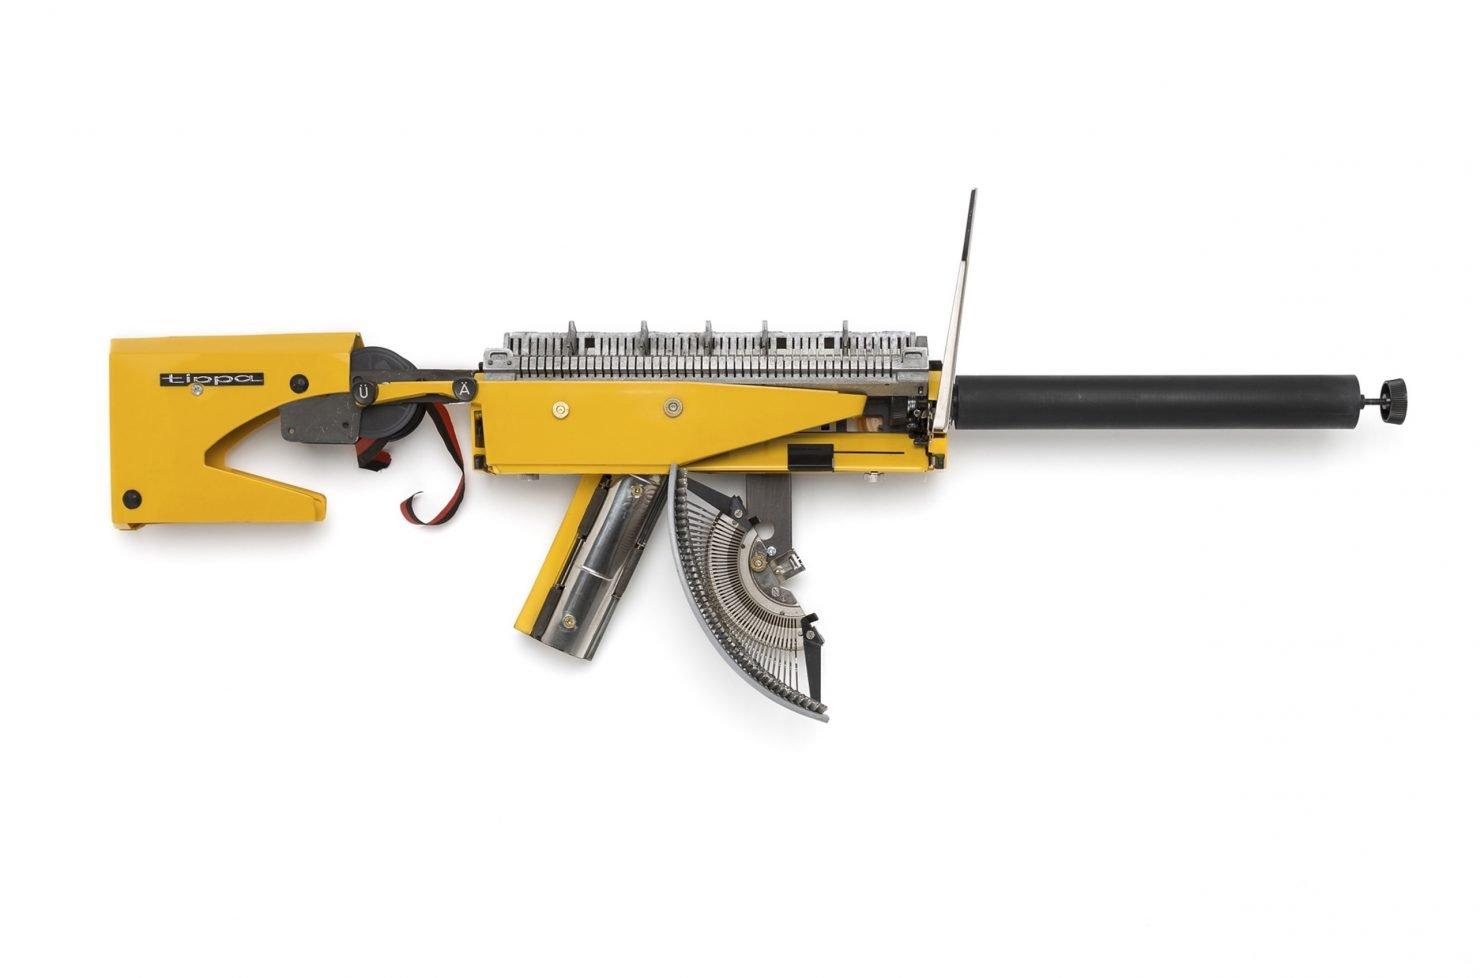 Typewriter Guns 5 1480x978 - Typewriter Guns